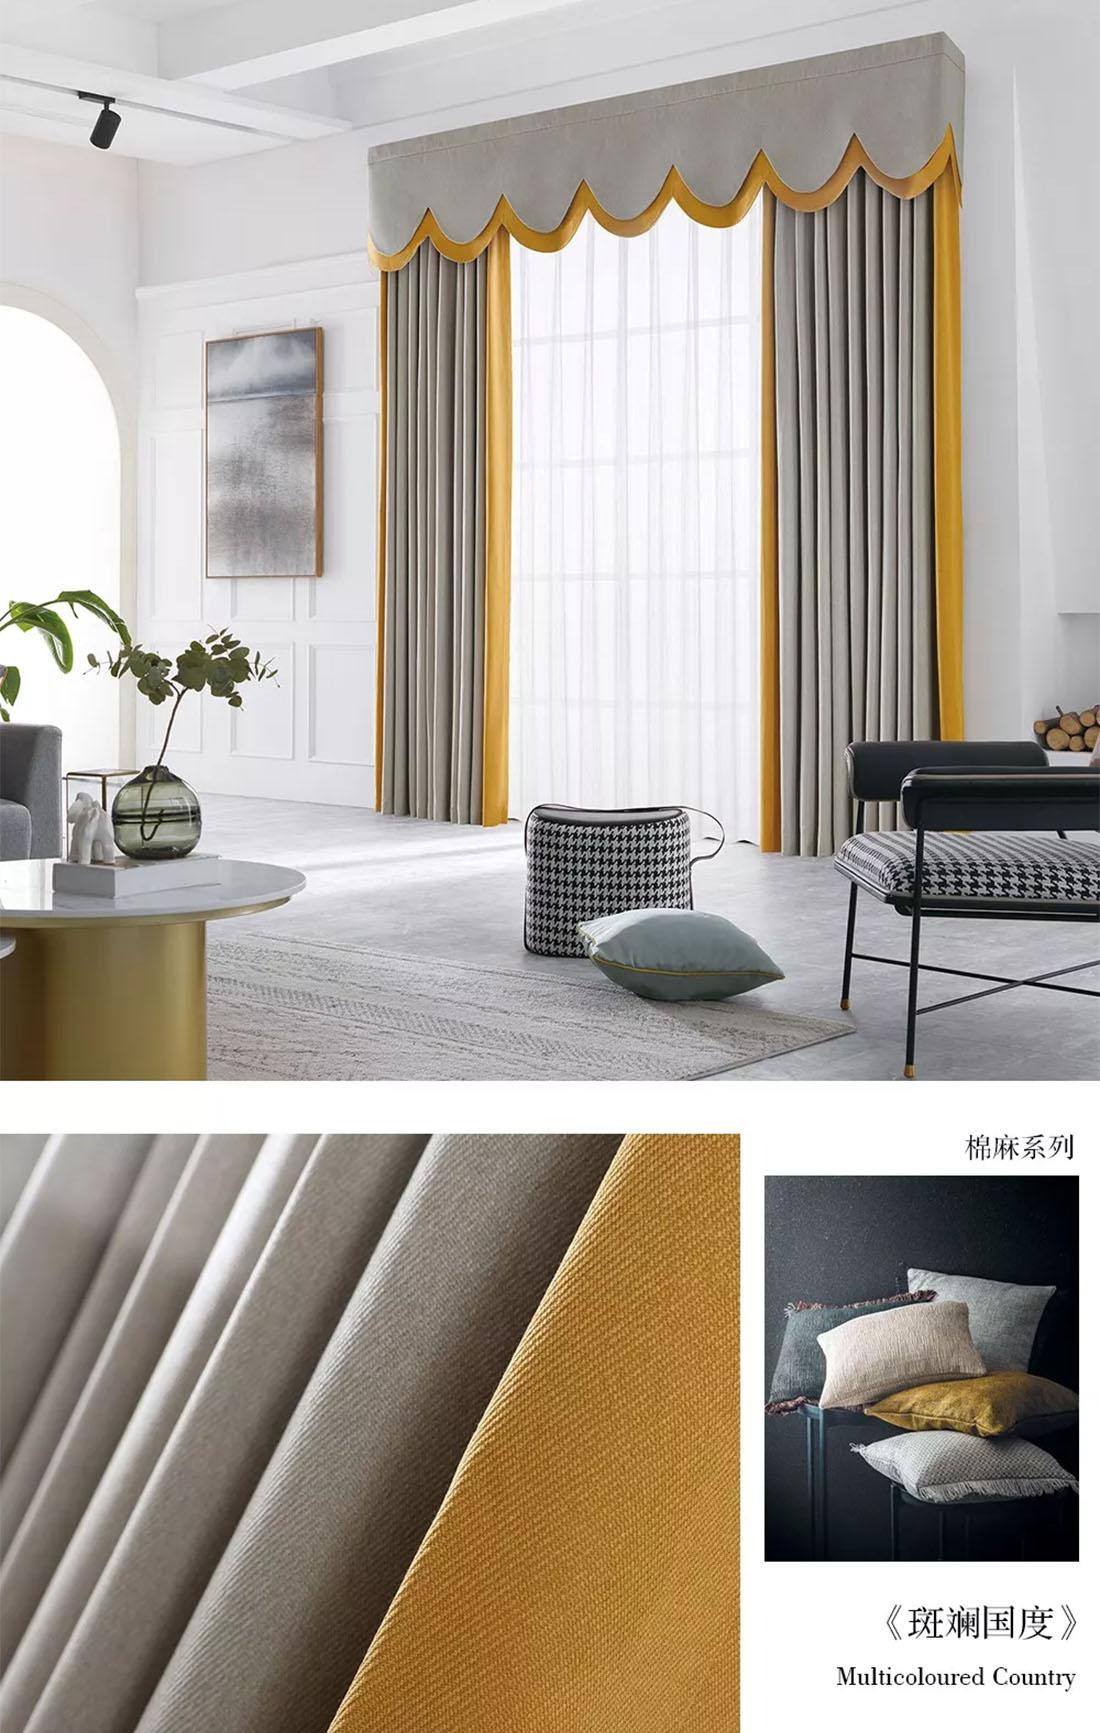 琥珀金、陶器灰撞色斜纹棉窗帘